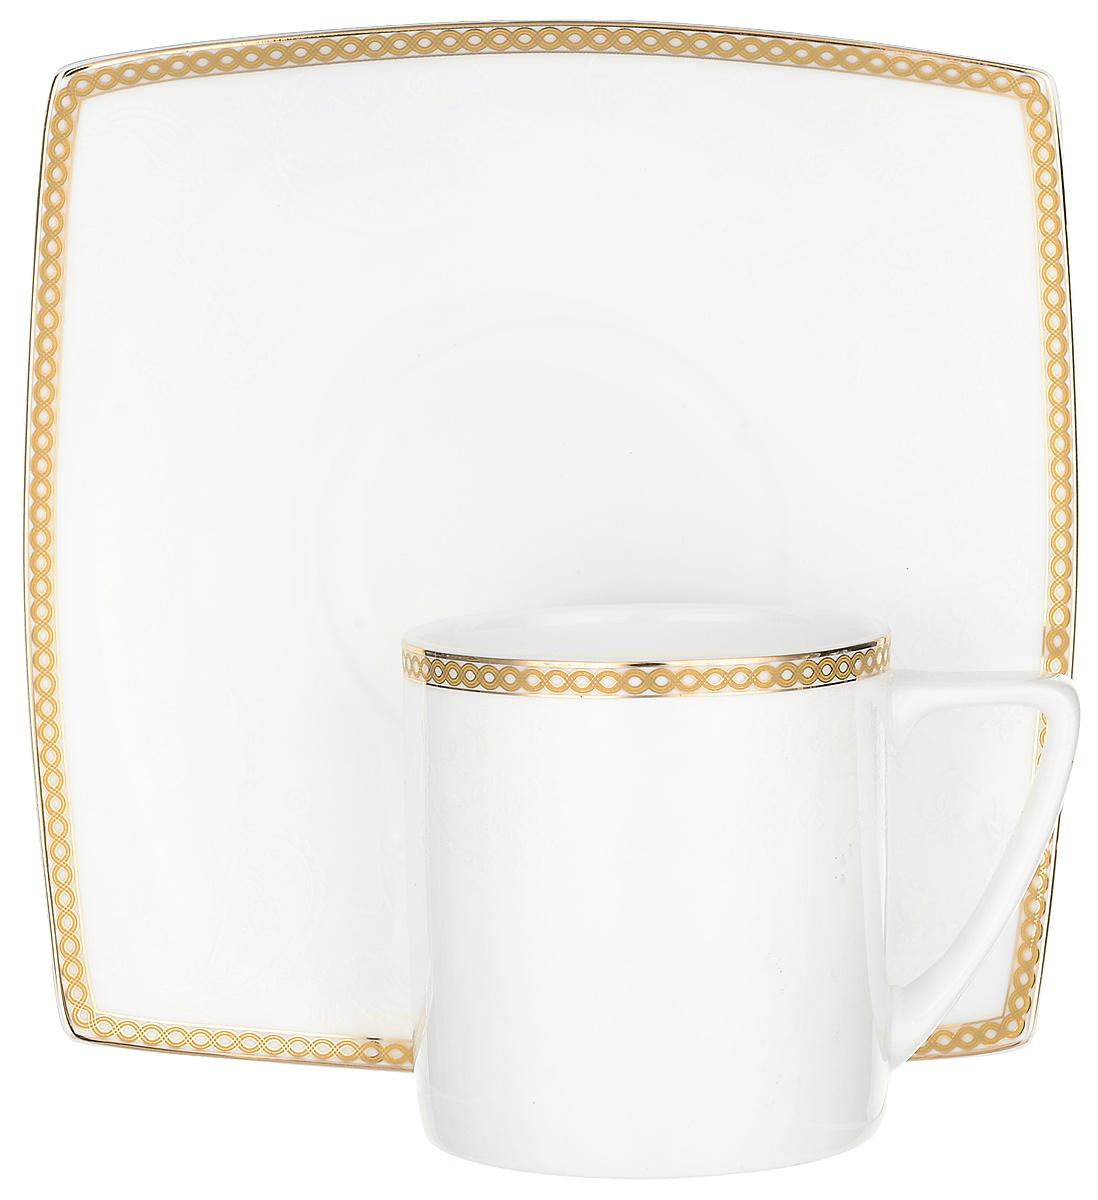 """Чай будет еще вкуснее, если пить его из изящной фарфоровой чашки, чья красота подчеркнута  блюдцем в том же стиле. Вы можете пользоваться ею дома или на работе, позволяя себе немного  расслабиться и освежить мысли. Чайная пара """"Galaxy Gold"""" – классический, всегда востребованный и желанный подарок.  Насладиться уединением за ароматным напитком – это маленькое счастье, доступное каждому."""